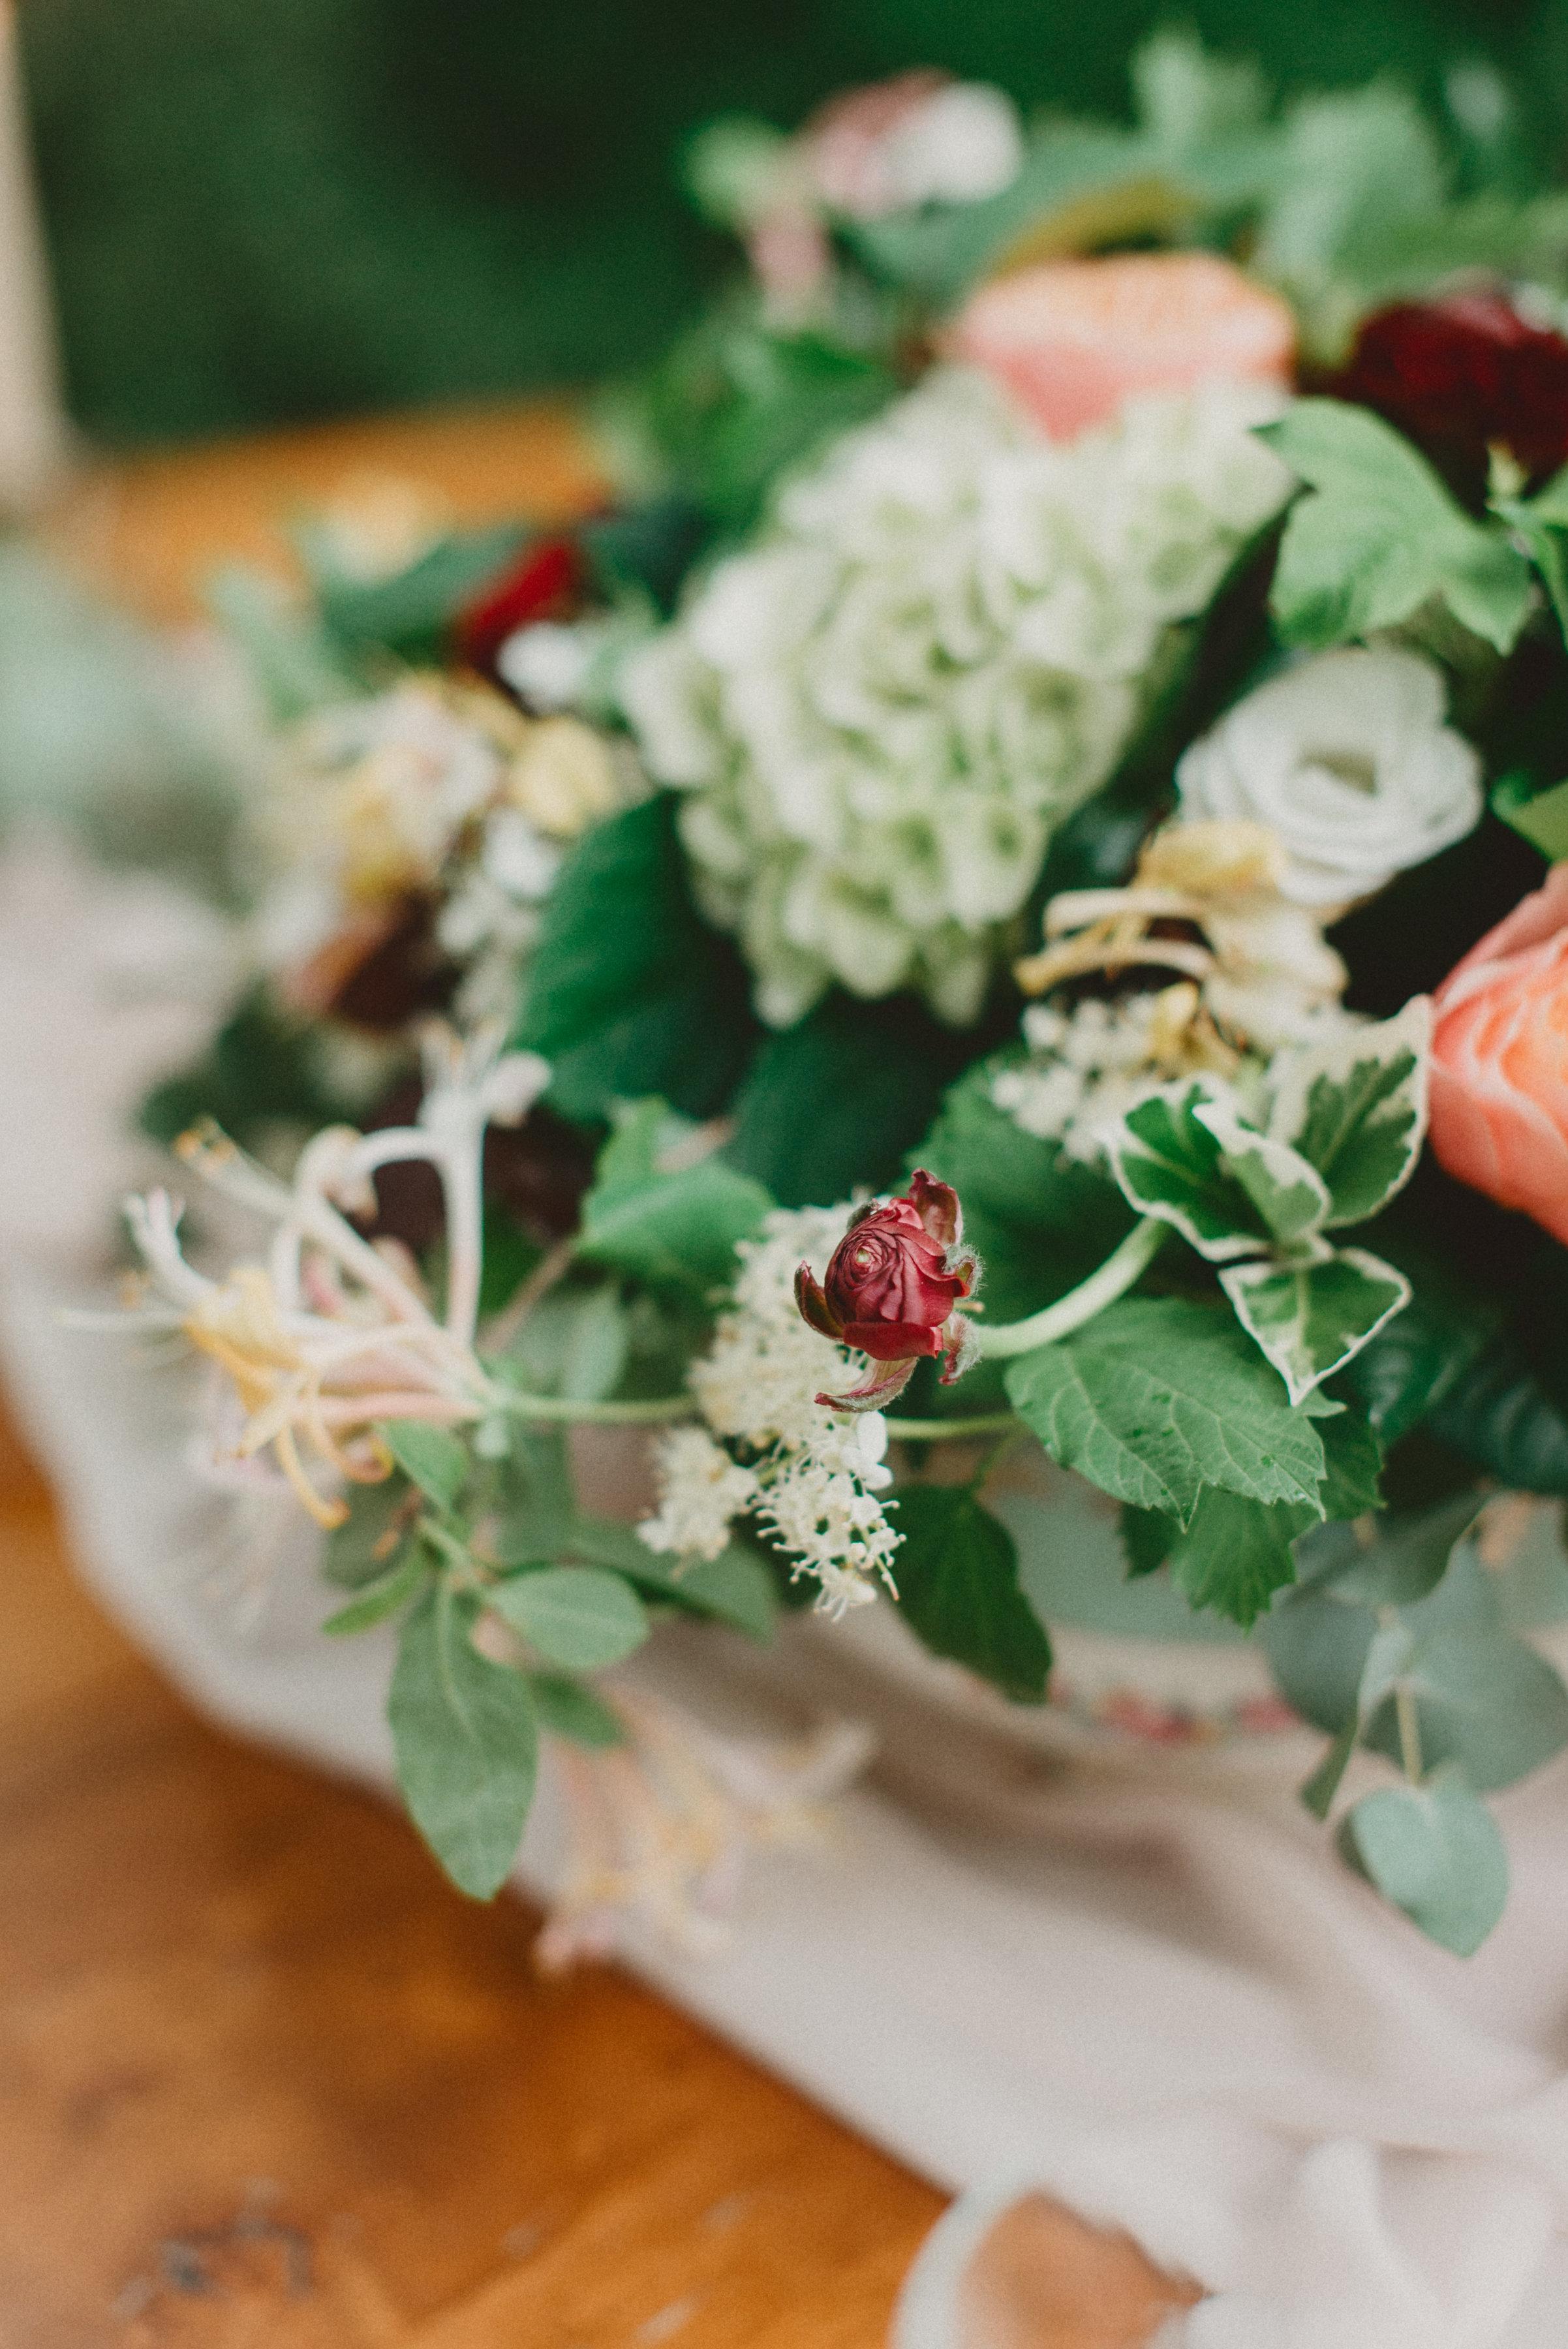 Création personalisées mariage